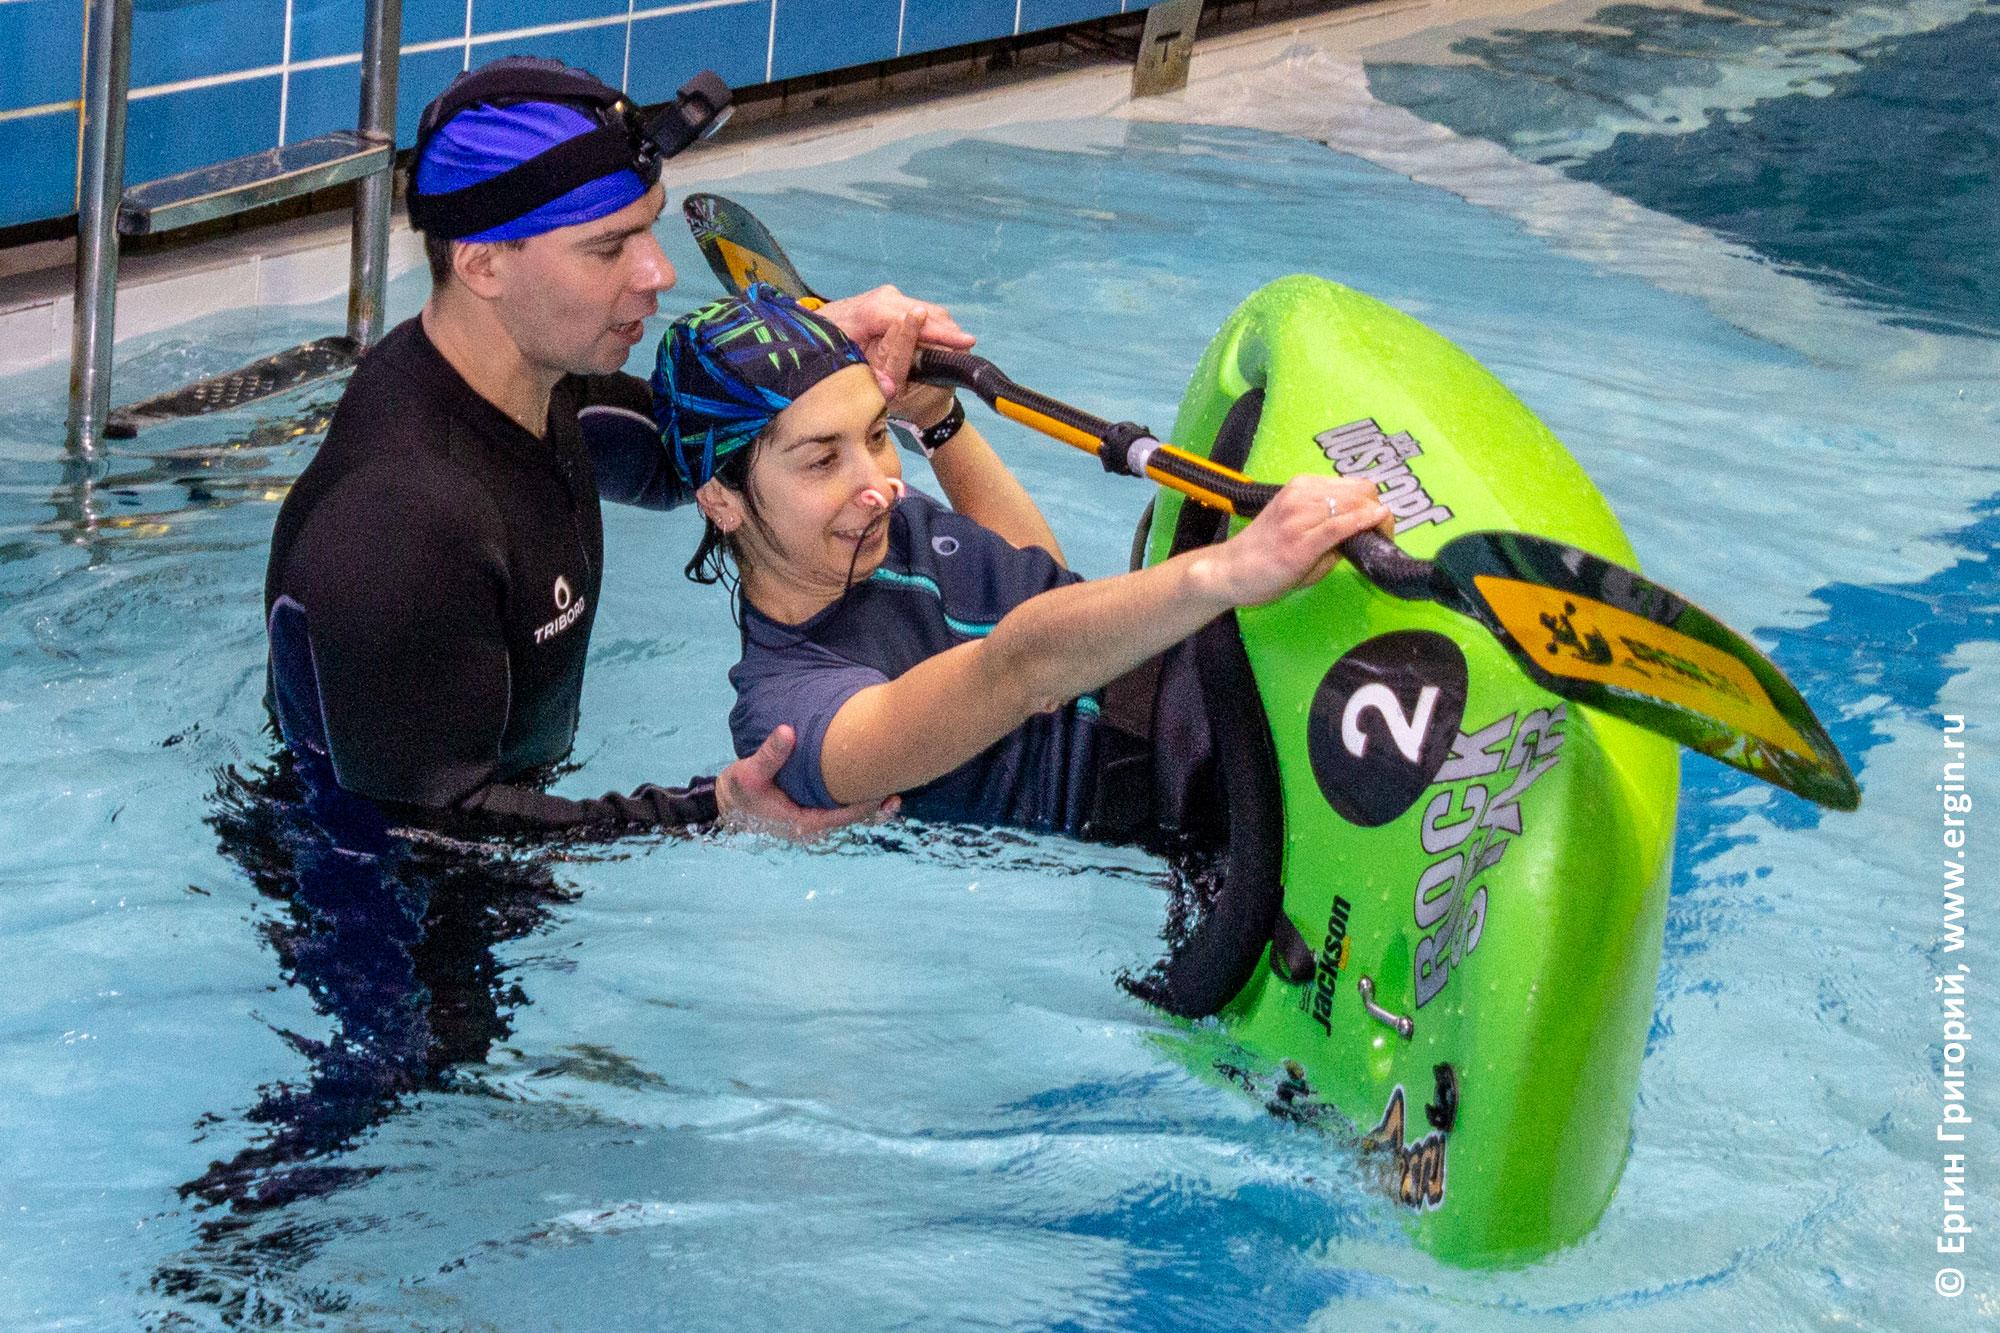 Персональная тренировка по эскимосскому перевороту на каяке в бассейне с инструктором